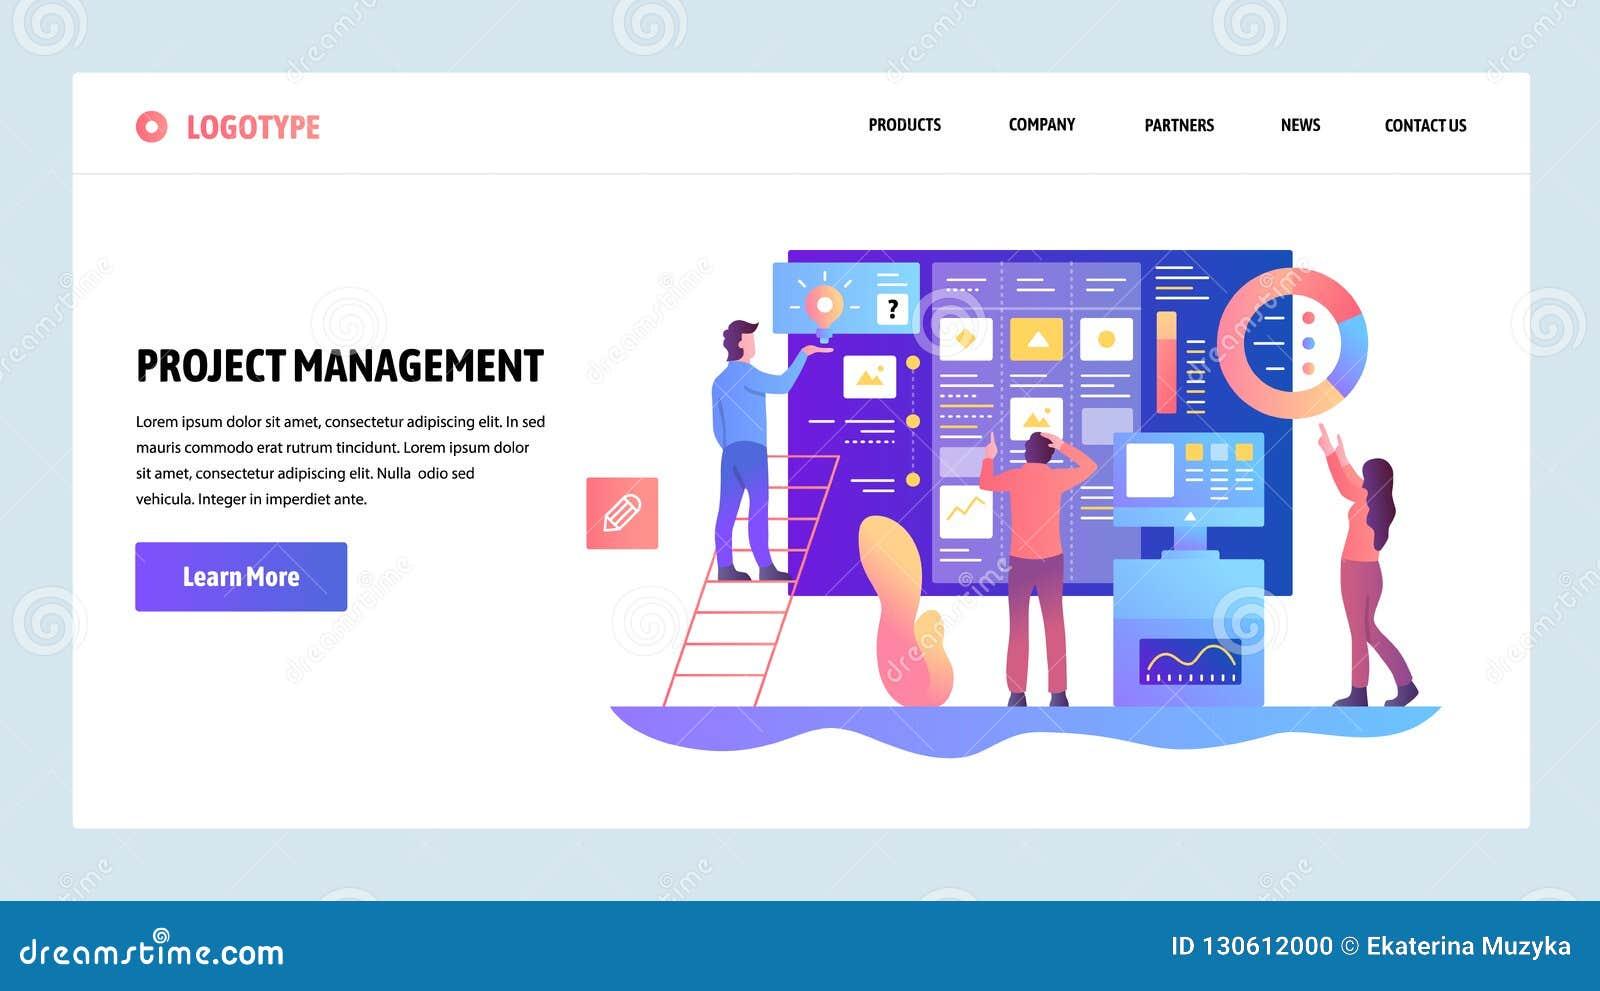 向量网站设计模板 敏捷项目管理和企业配合 着陆网站的页概念和